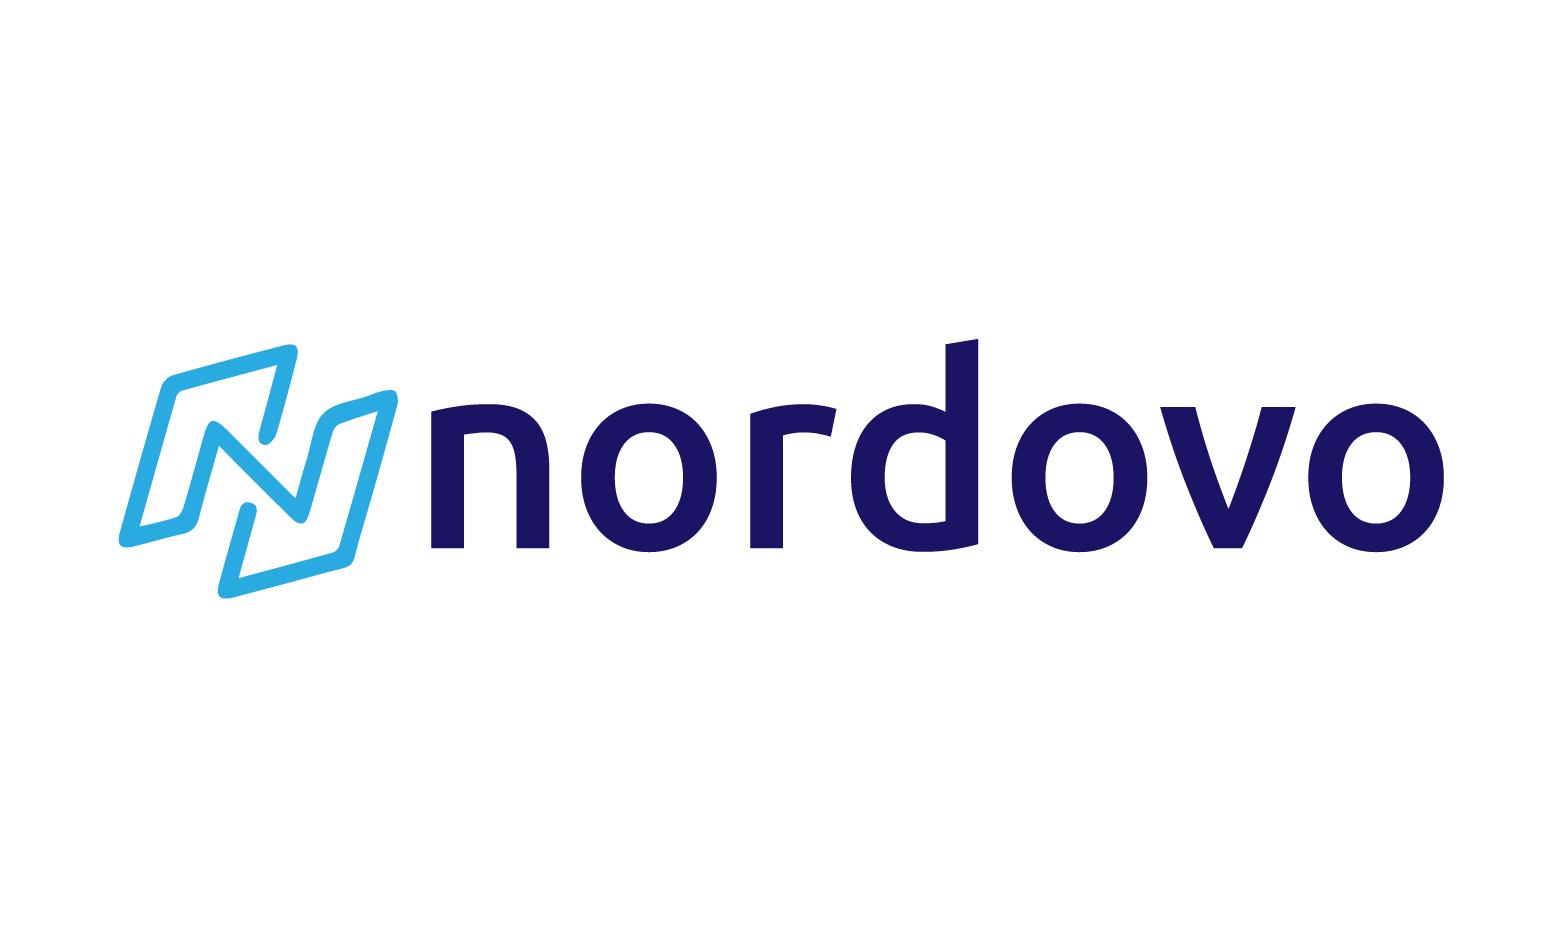 nordovo.com